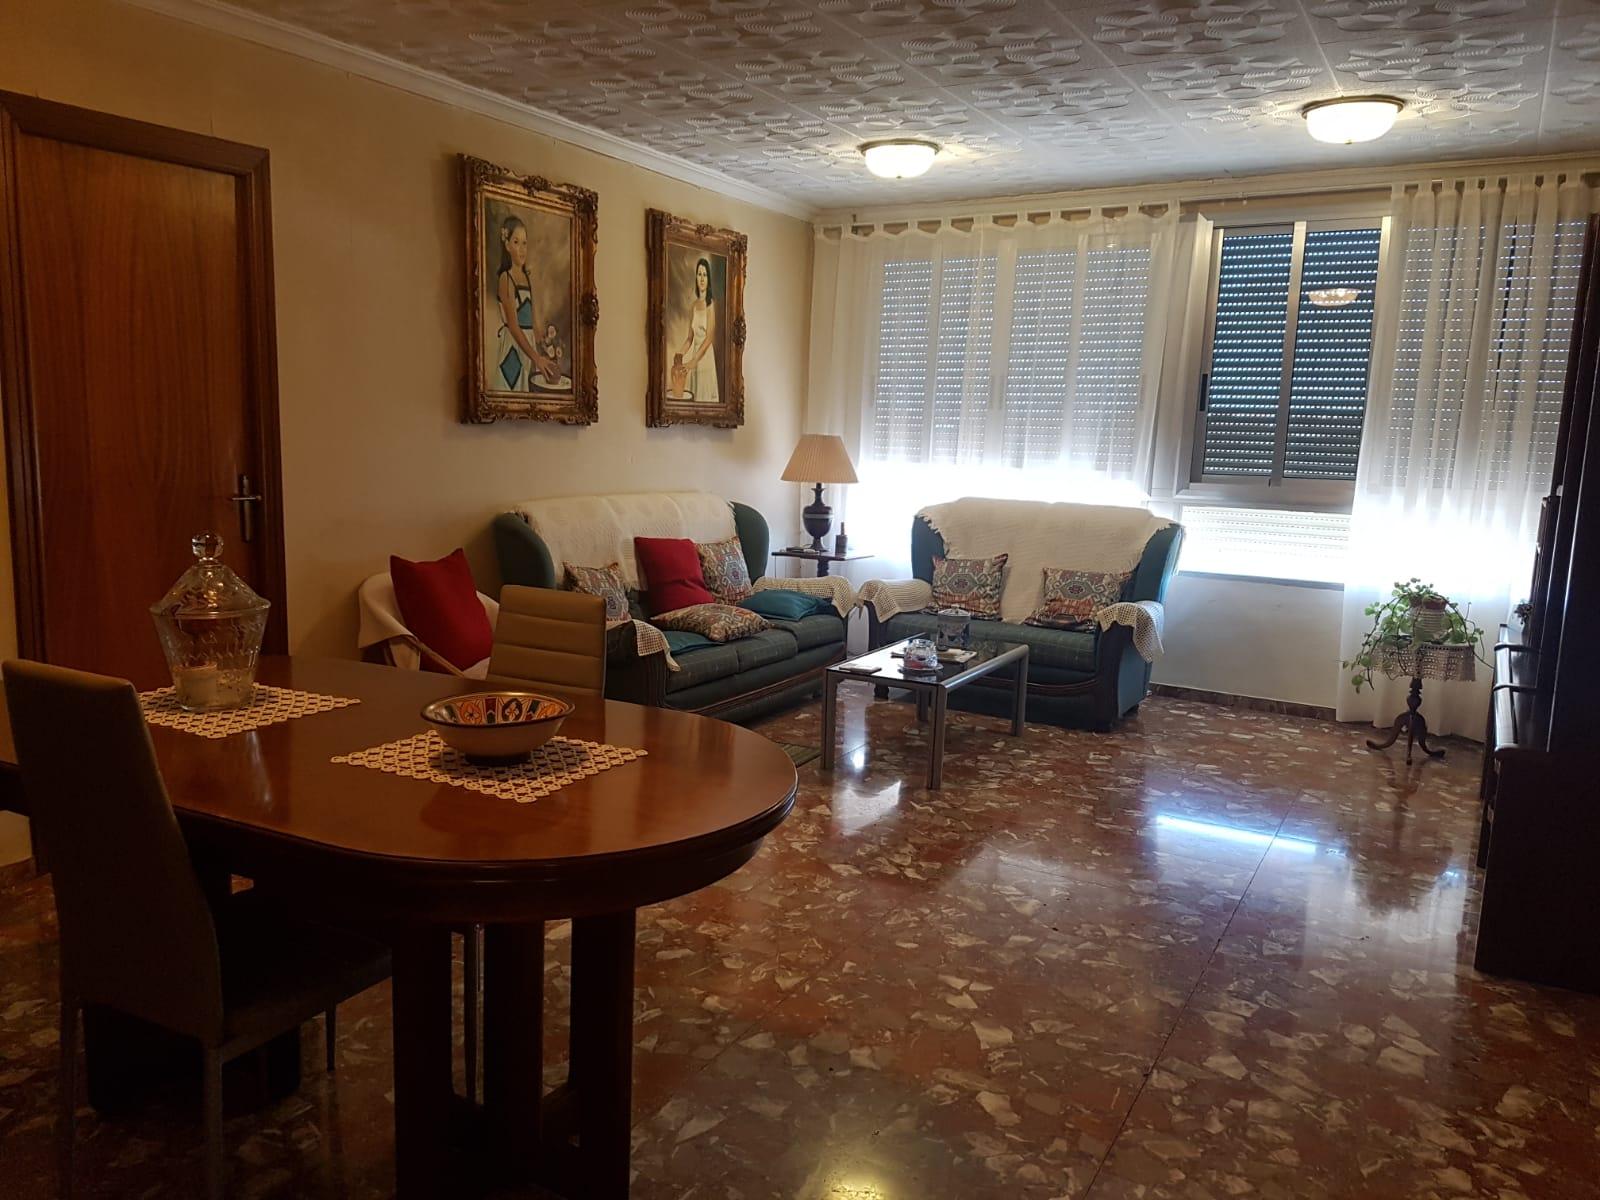 Vivienda unifamiliar muy amplia en Burriana (Castellón) zona Camino de Onda